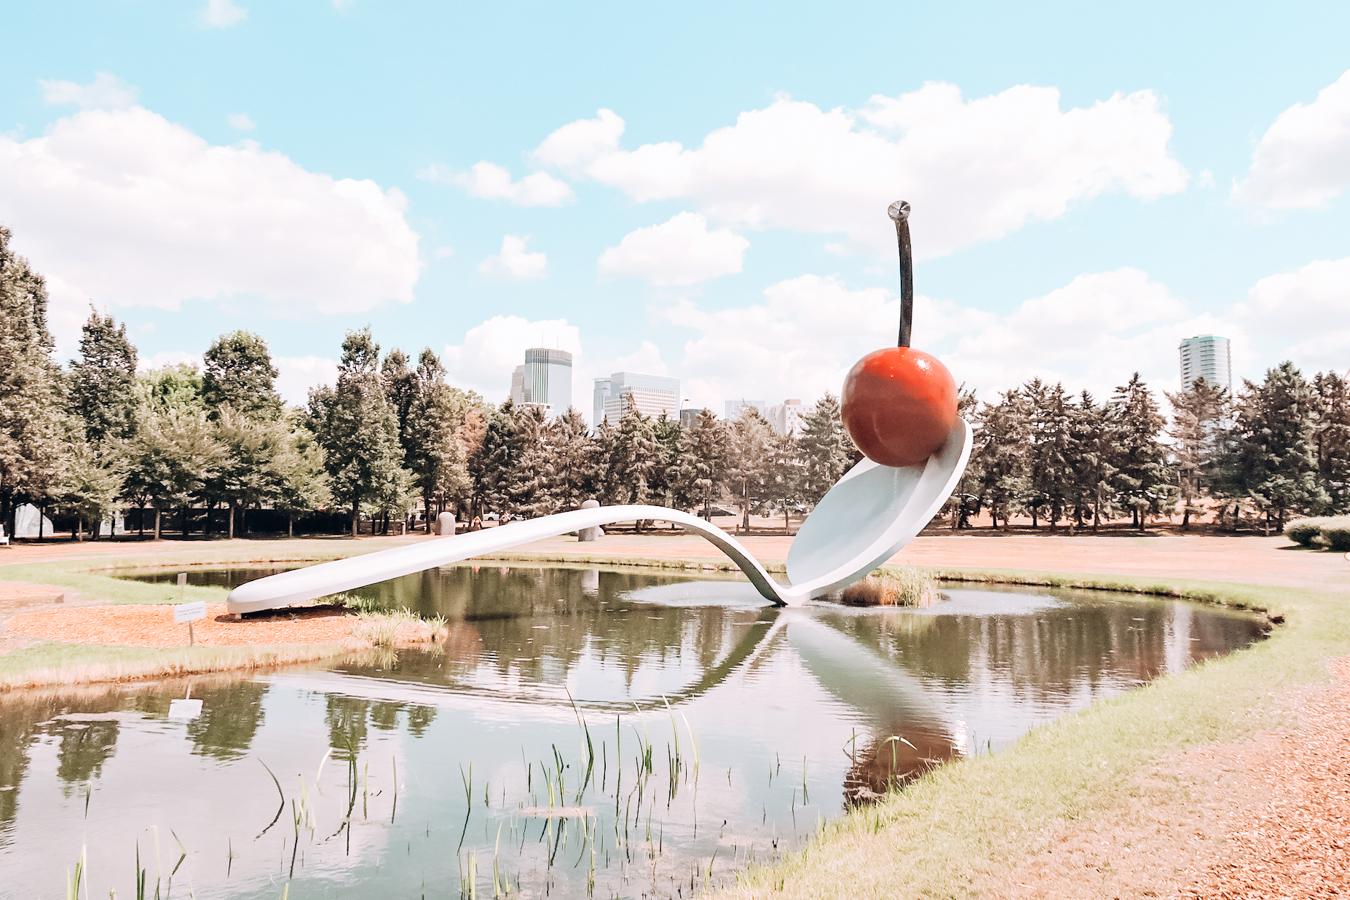 Sculpture at Minneapolis Sculpture Garden